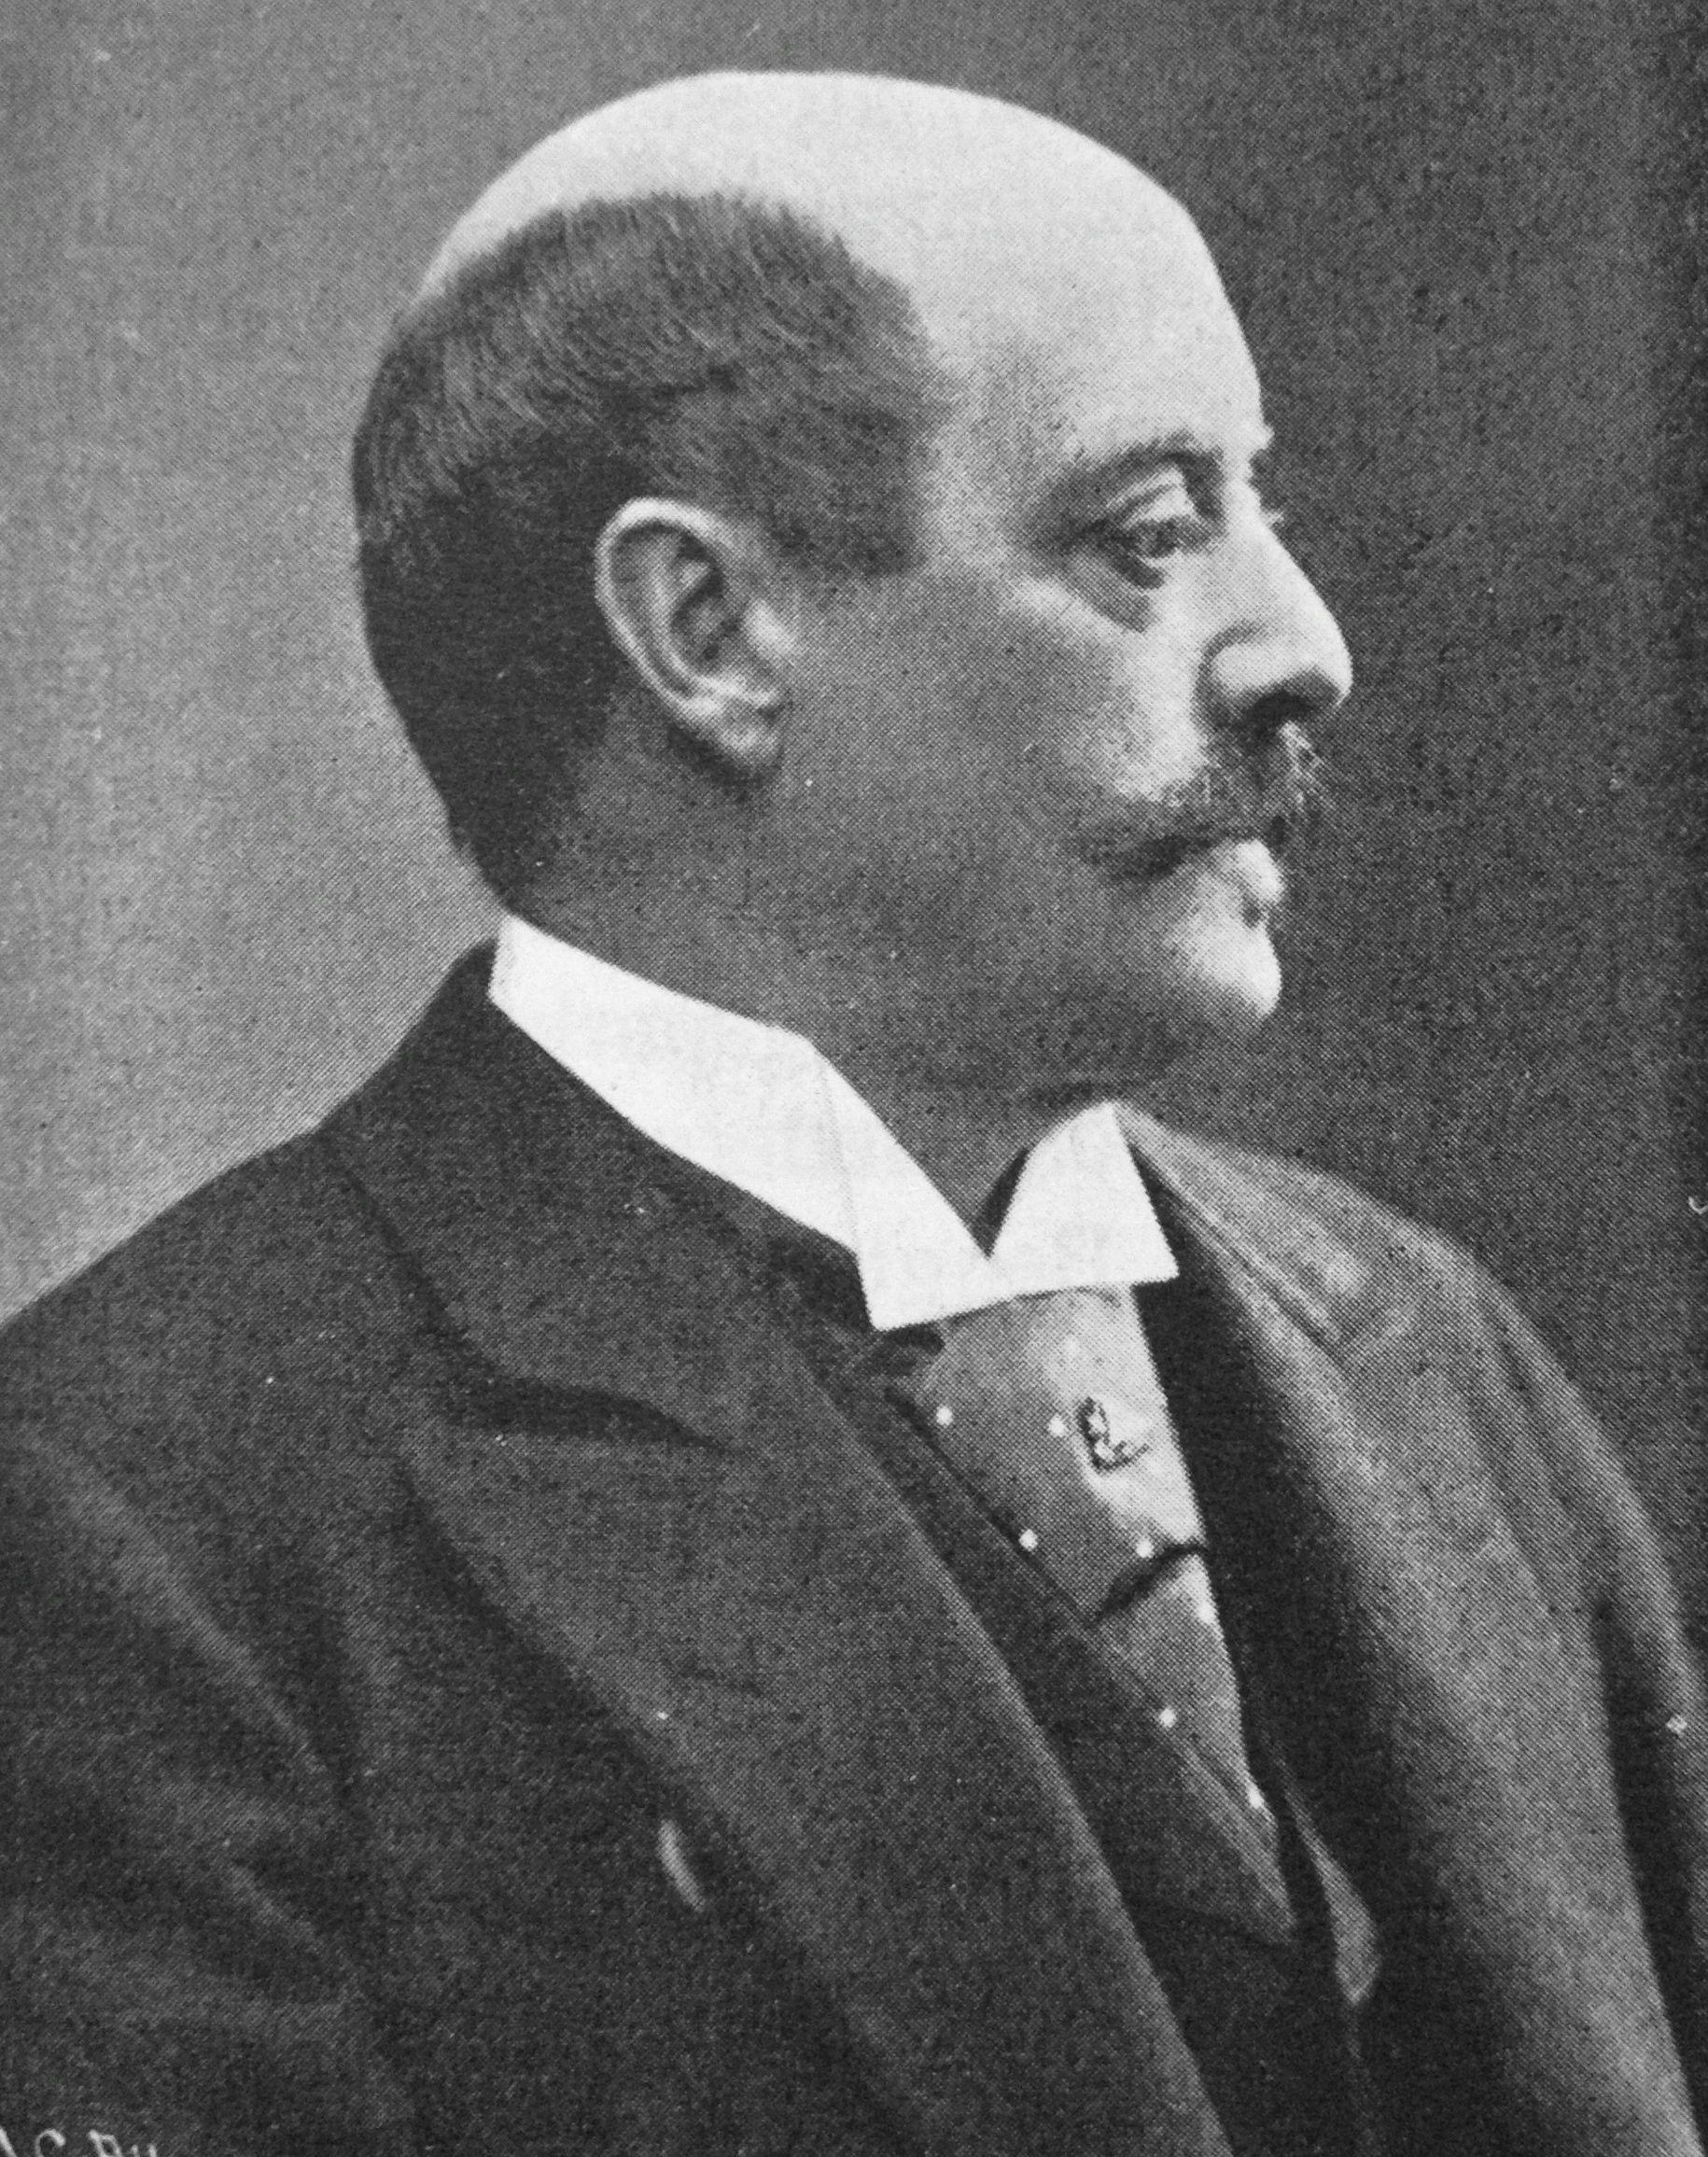 Son till Olof Wijk d.ä. och Hilda Prytz. Gift 9 oktober 1864 med Emma Röhss (1843–1896). De hade barnen Carl Olof Wijk (1866-1918), Hakon Wijk (1868-1919) ... - carl_wijk1